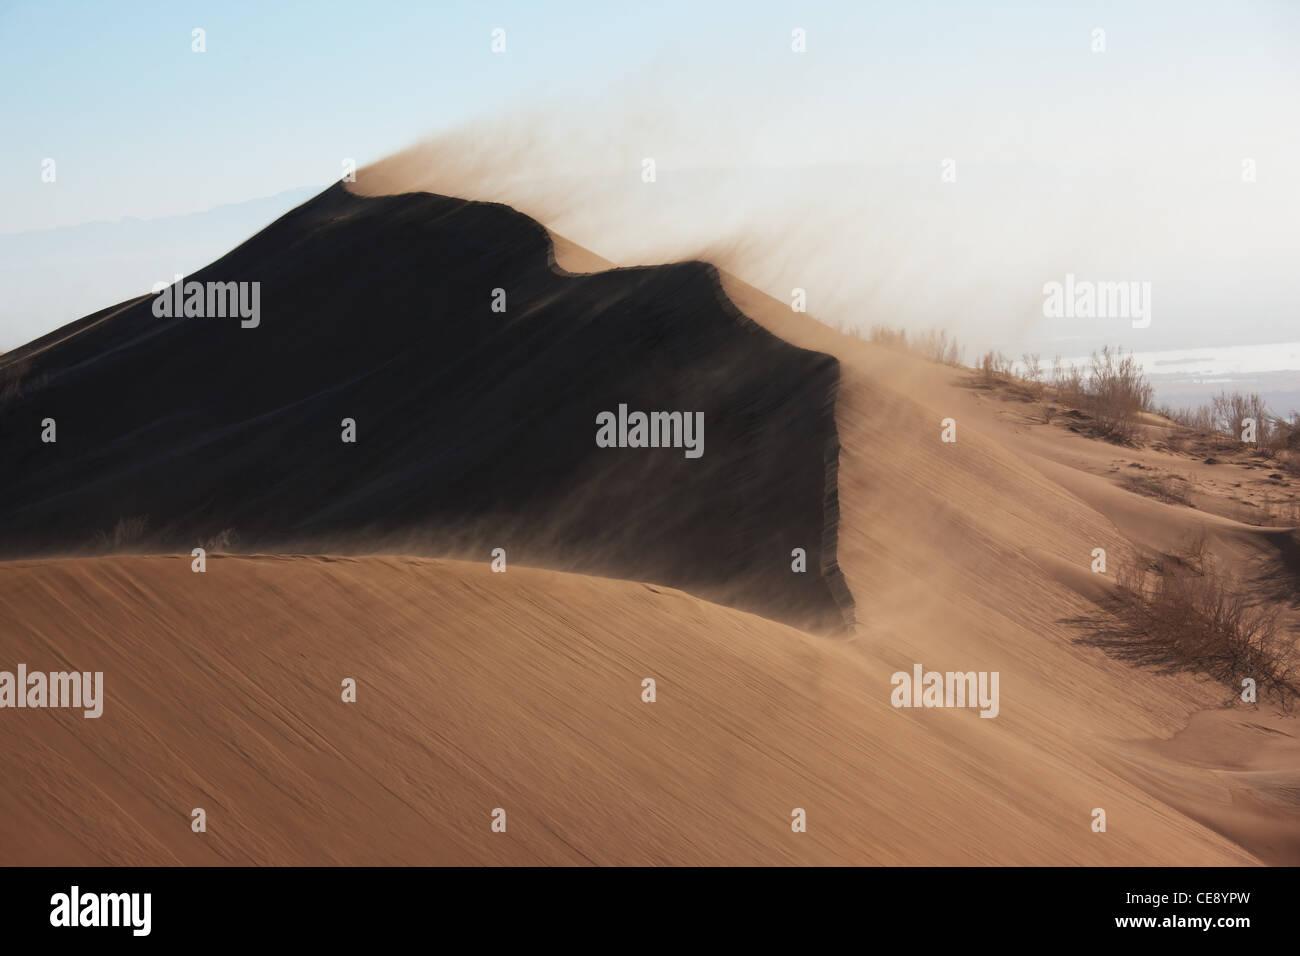 Sandstorm in desert national park Altyn-Emel, Kazakhstan - Stock Image